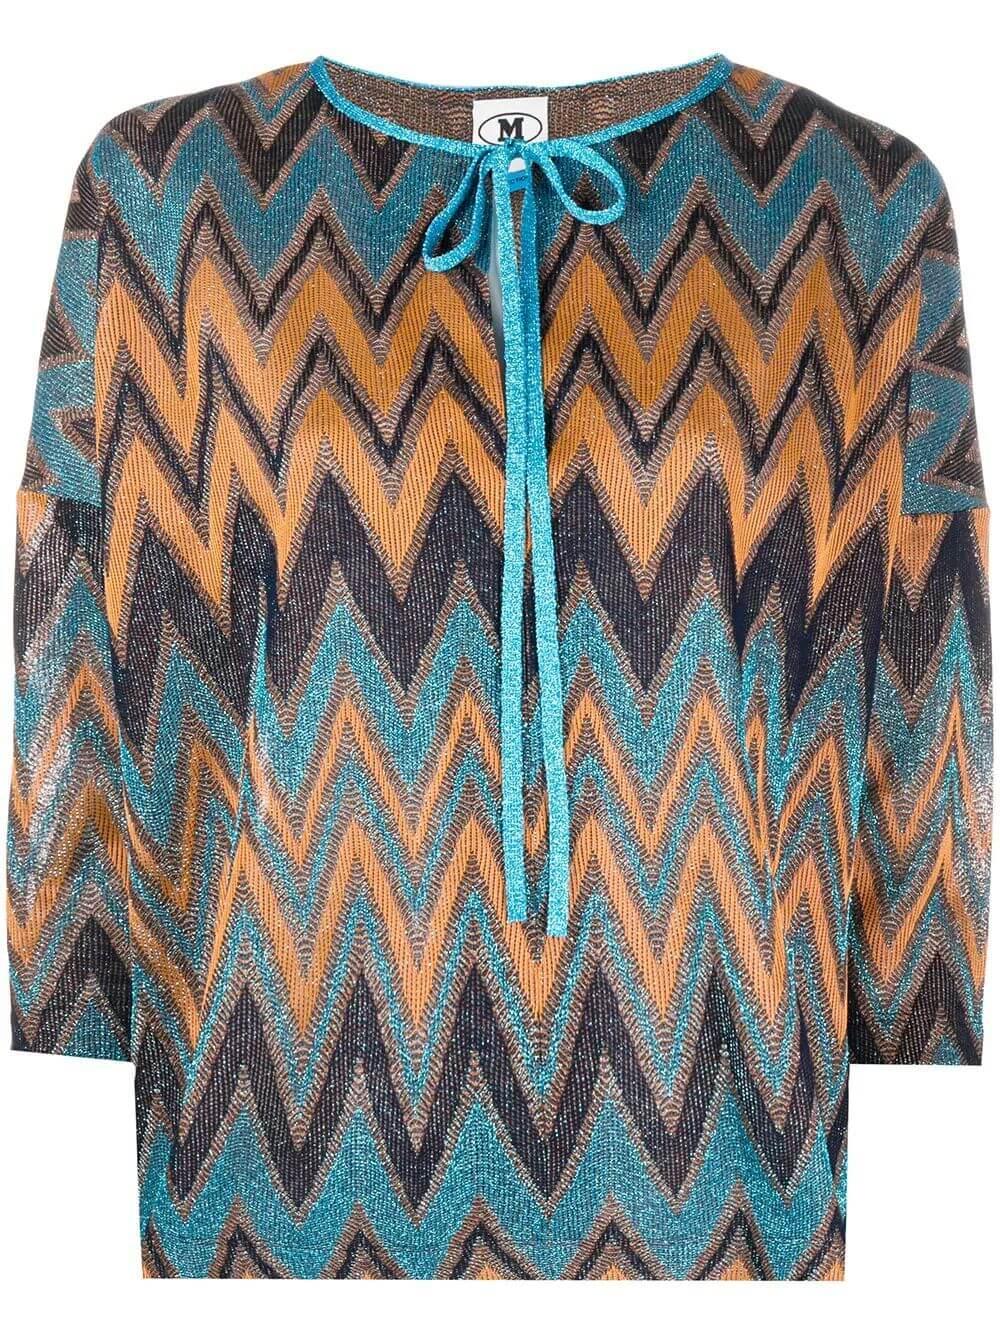 Camicia Zig Zag Lurex Blouse Item # 2DJ00098-2J002L